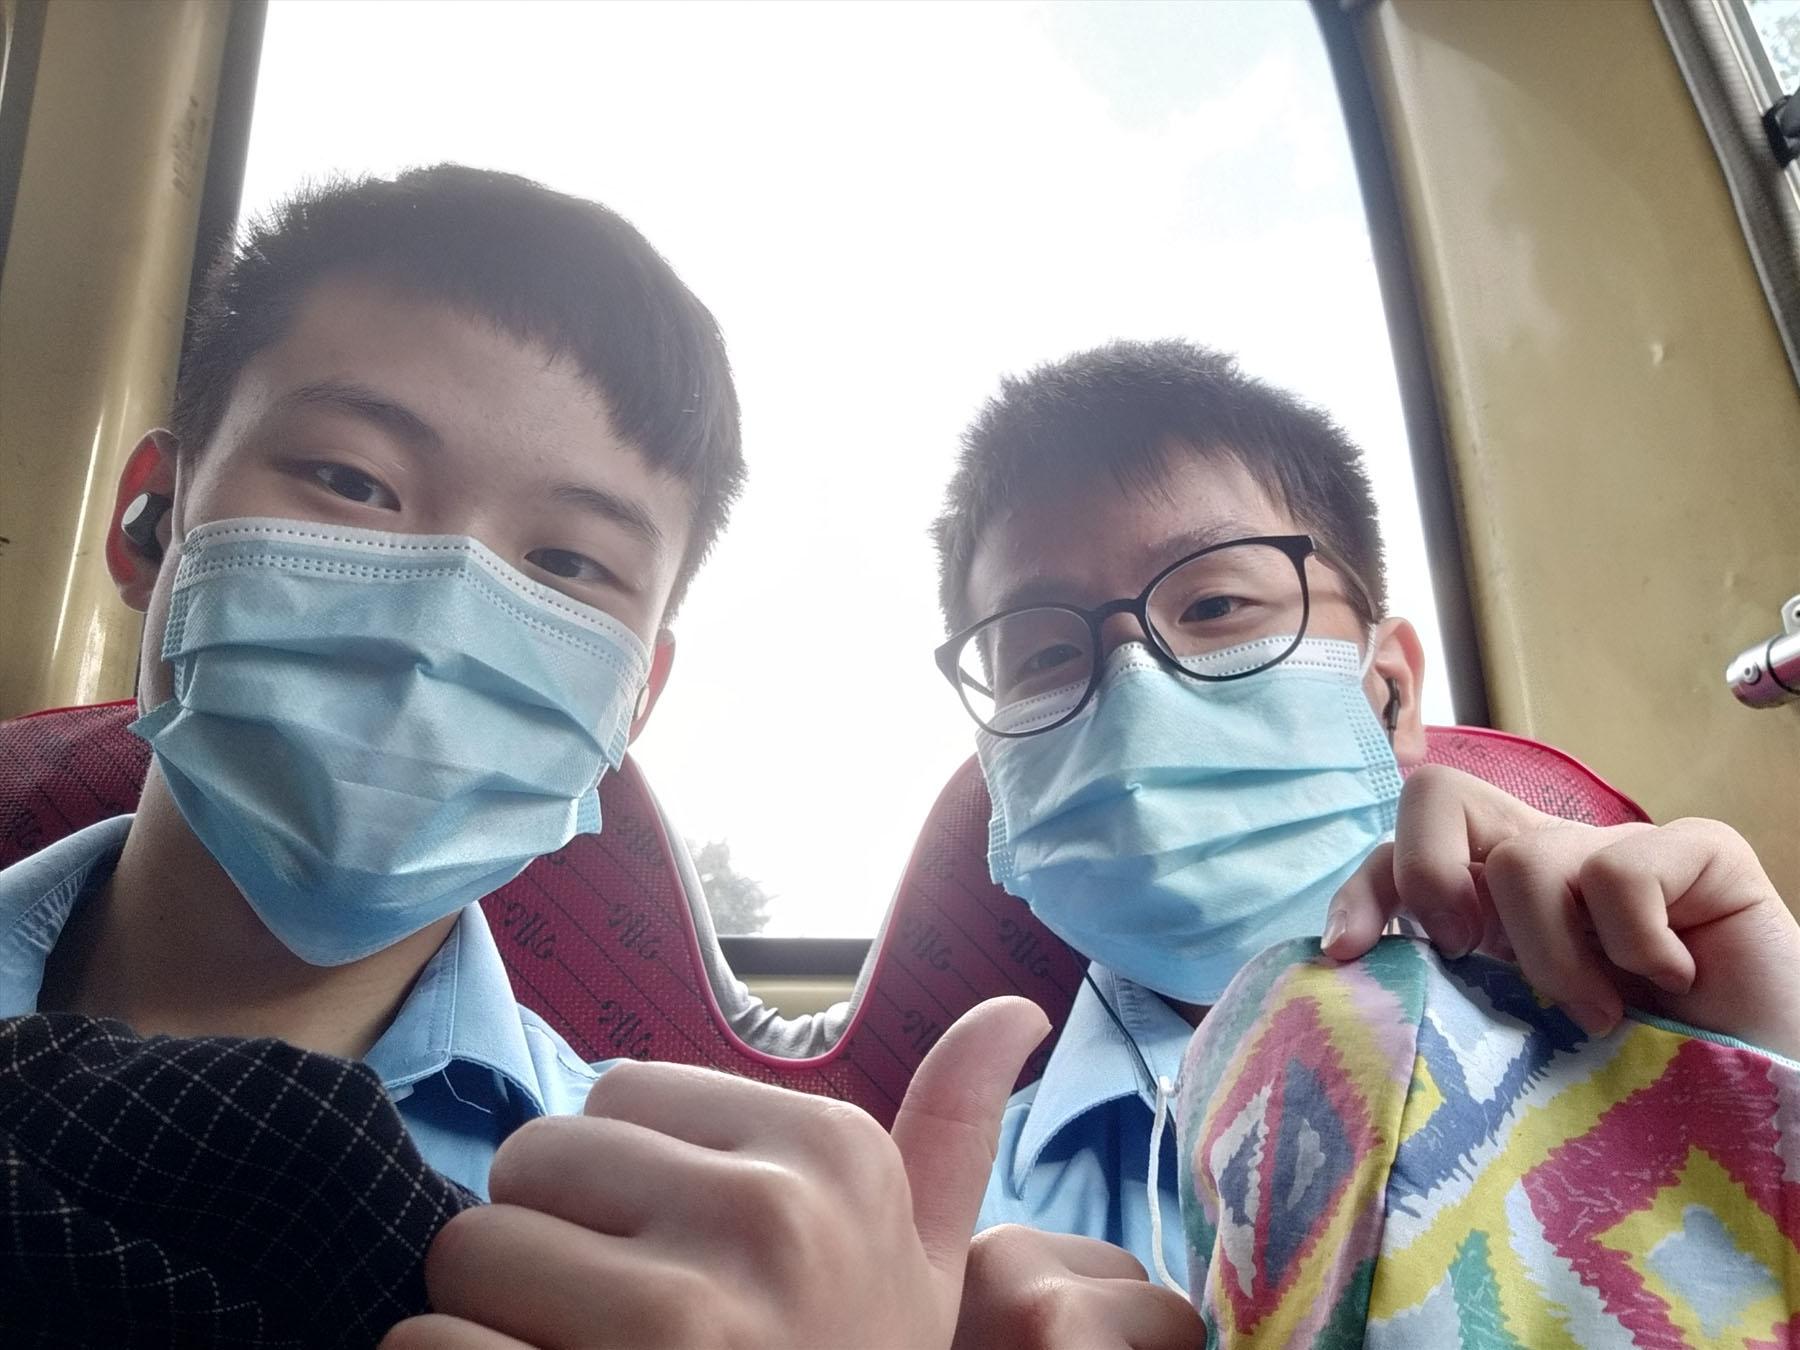 https://npc.edu.hk/sites/default/files/wu_jia_zheng_.jpg